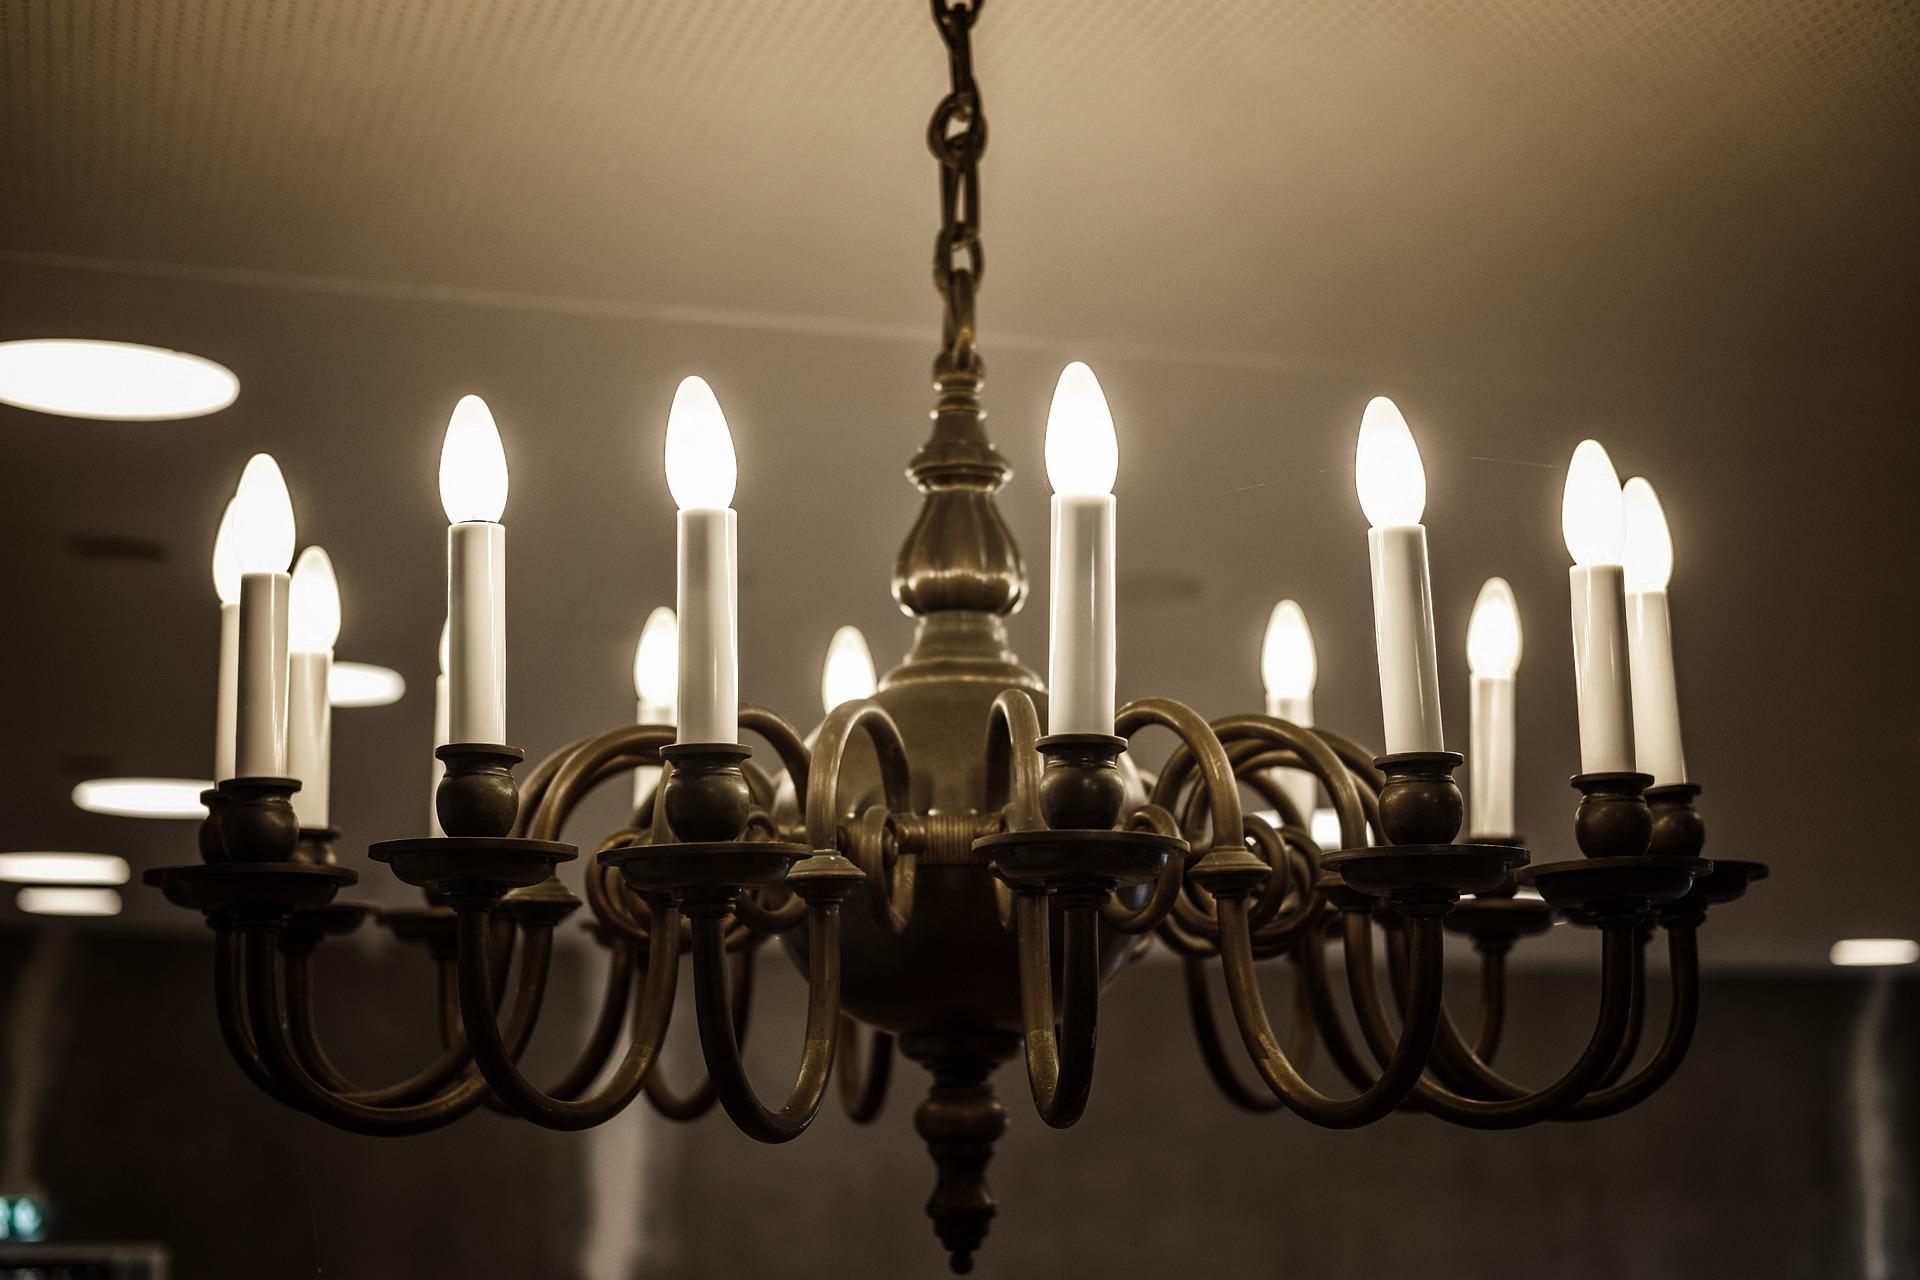 lamp-3128727_1920.jpg